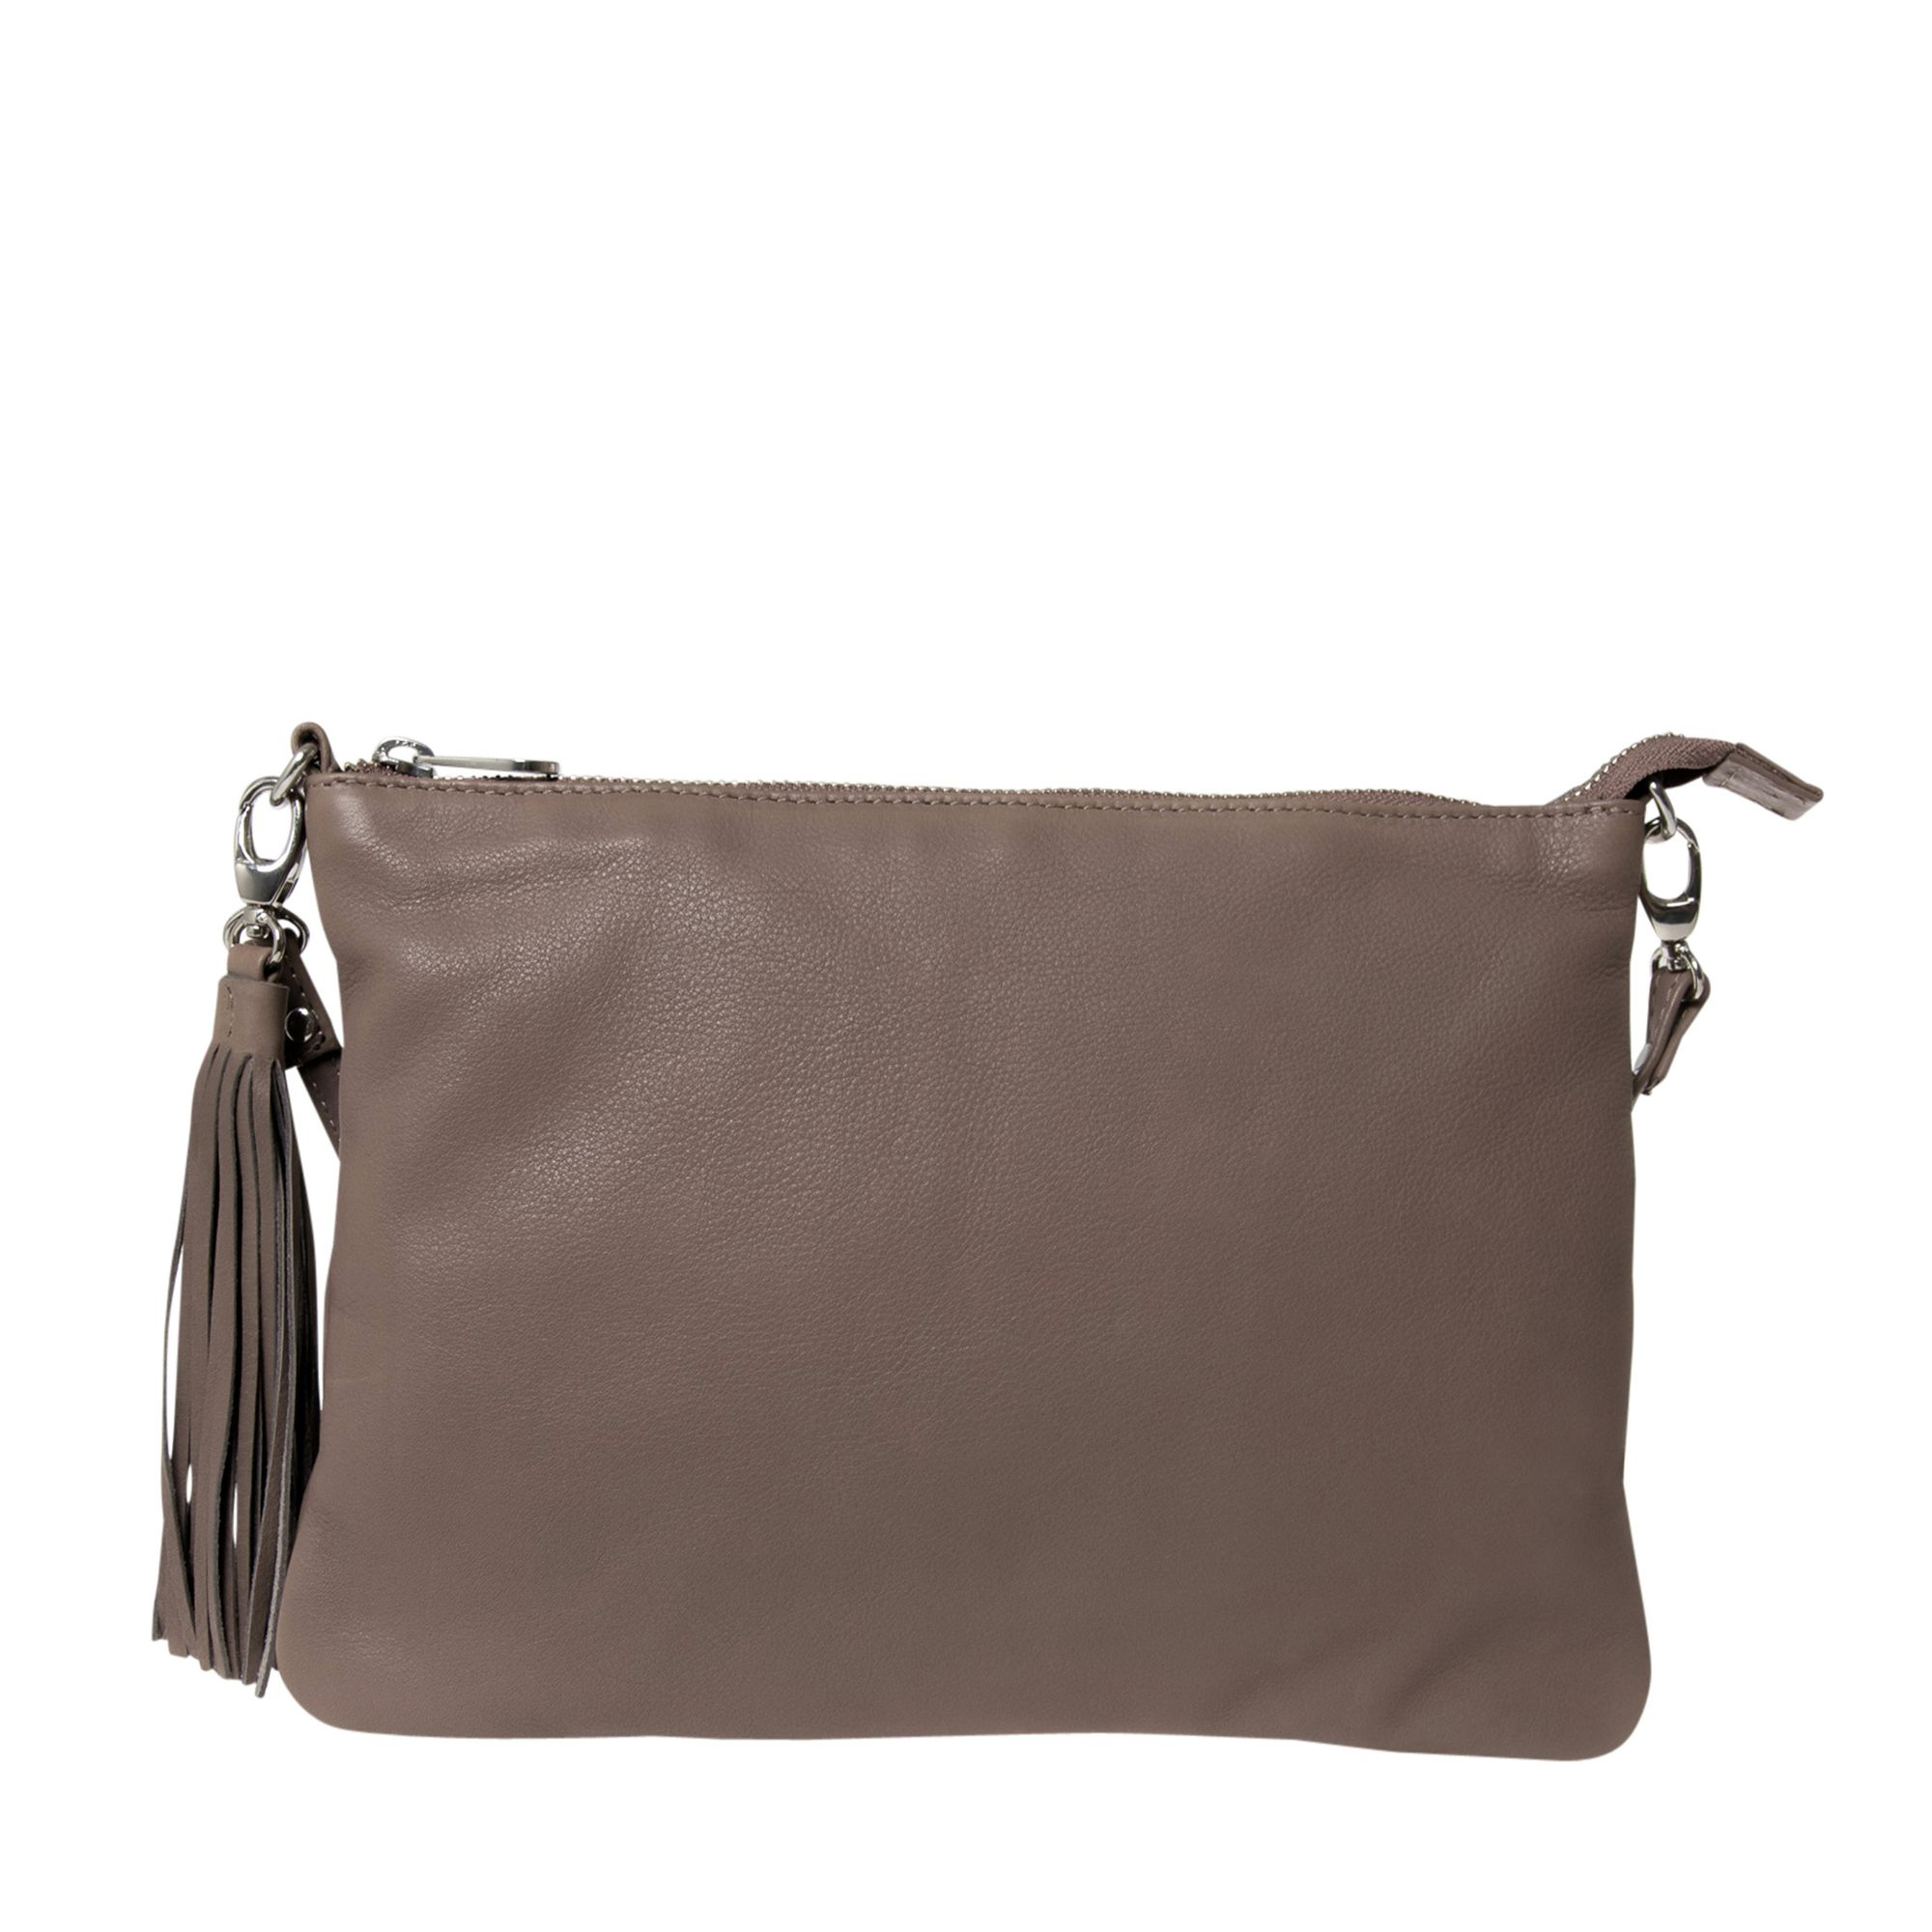 Köp Väskor online till väldigt lågt pris!  45a757204e4b2